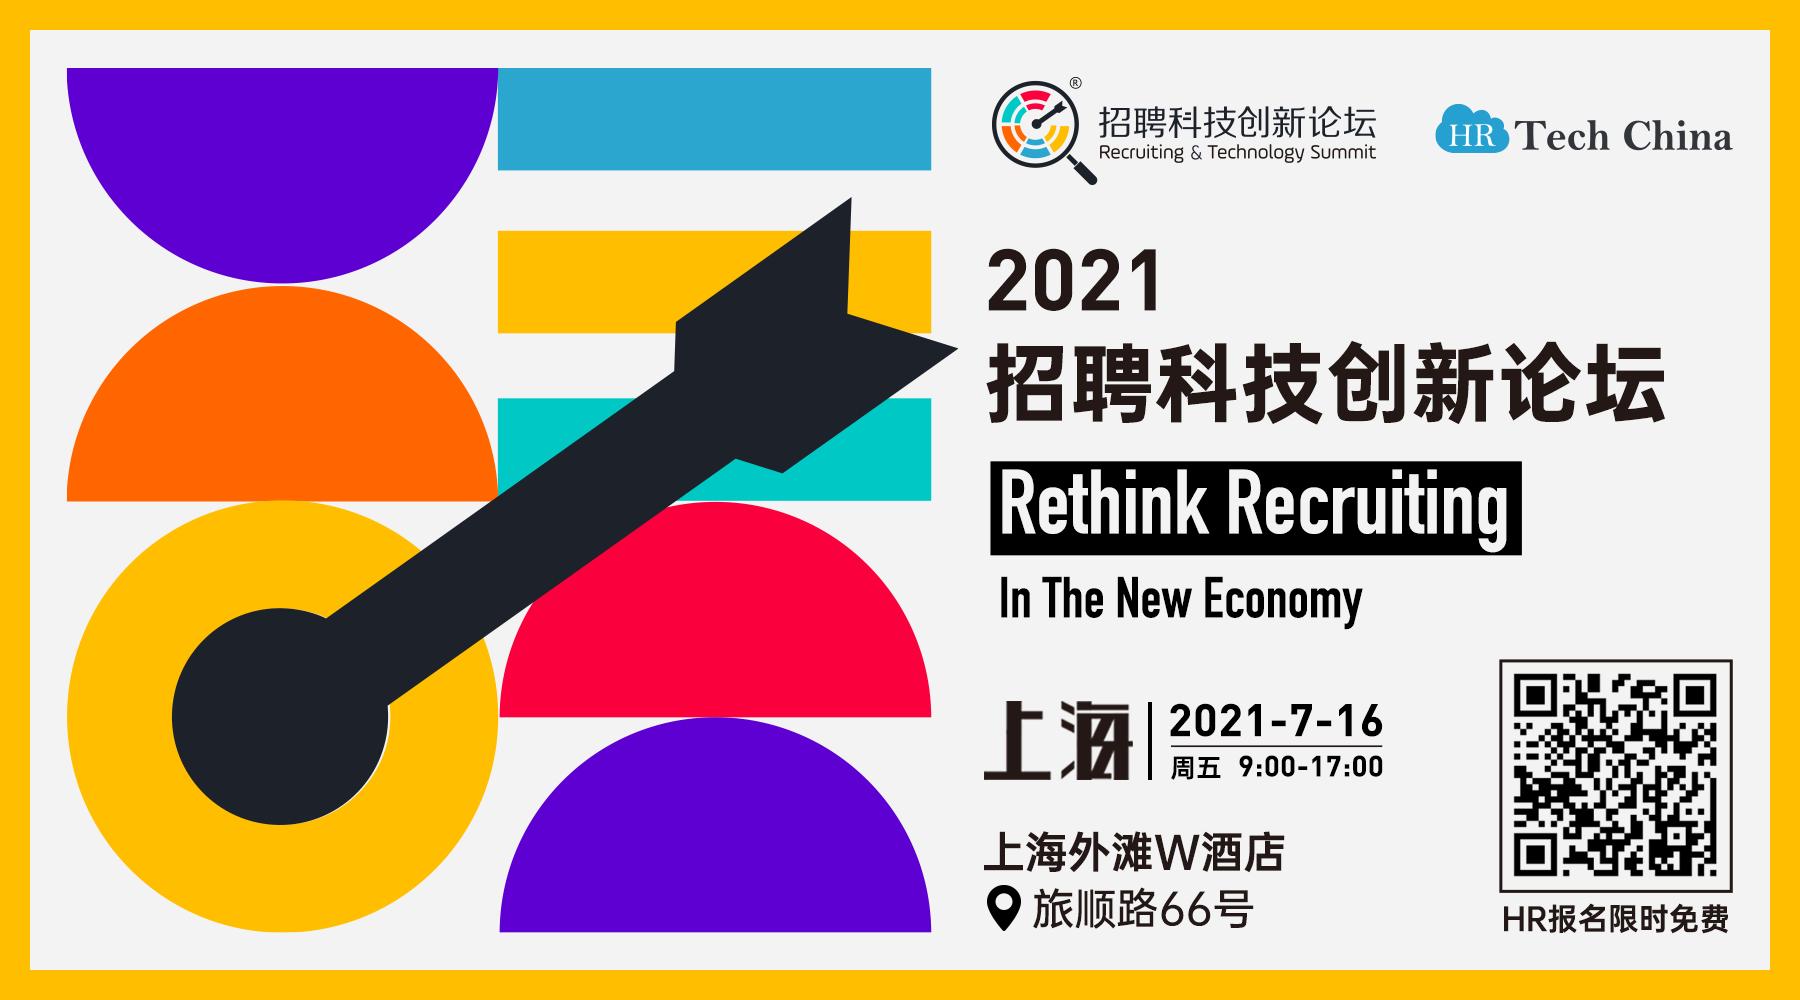 招聘科技创新论坛7月16日在上海外滩W酒店举办 点击报名